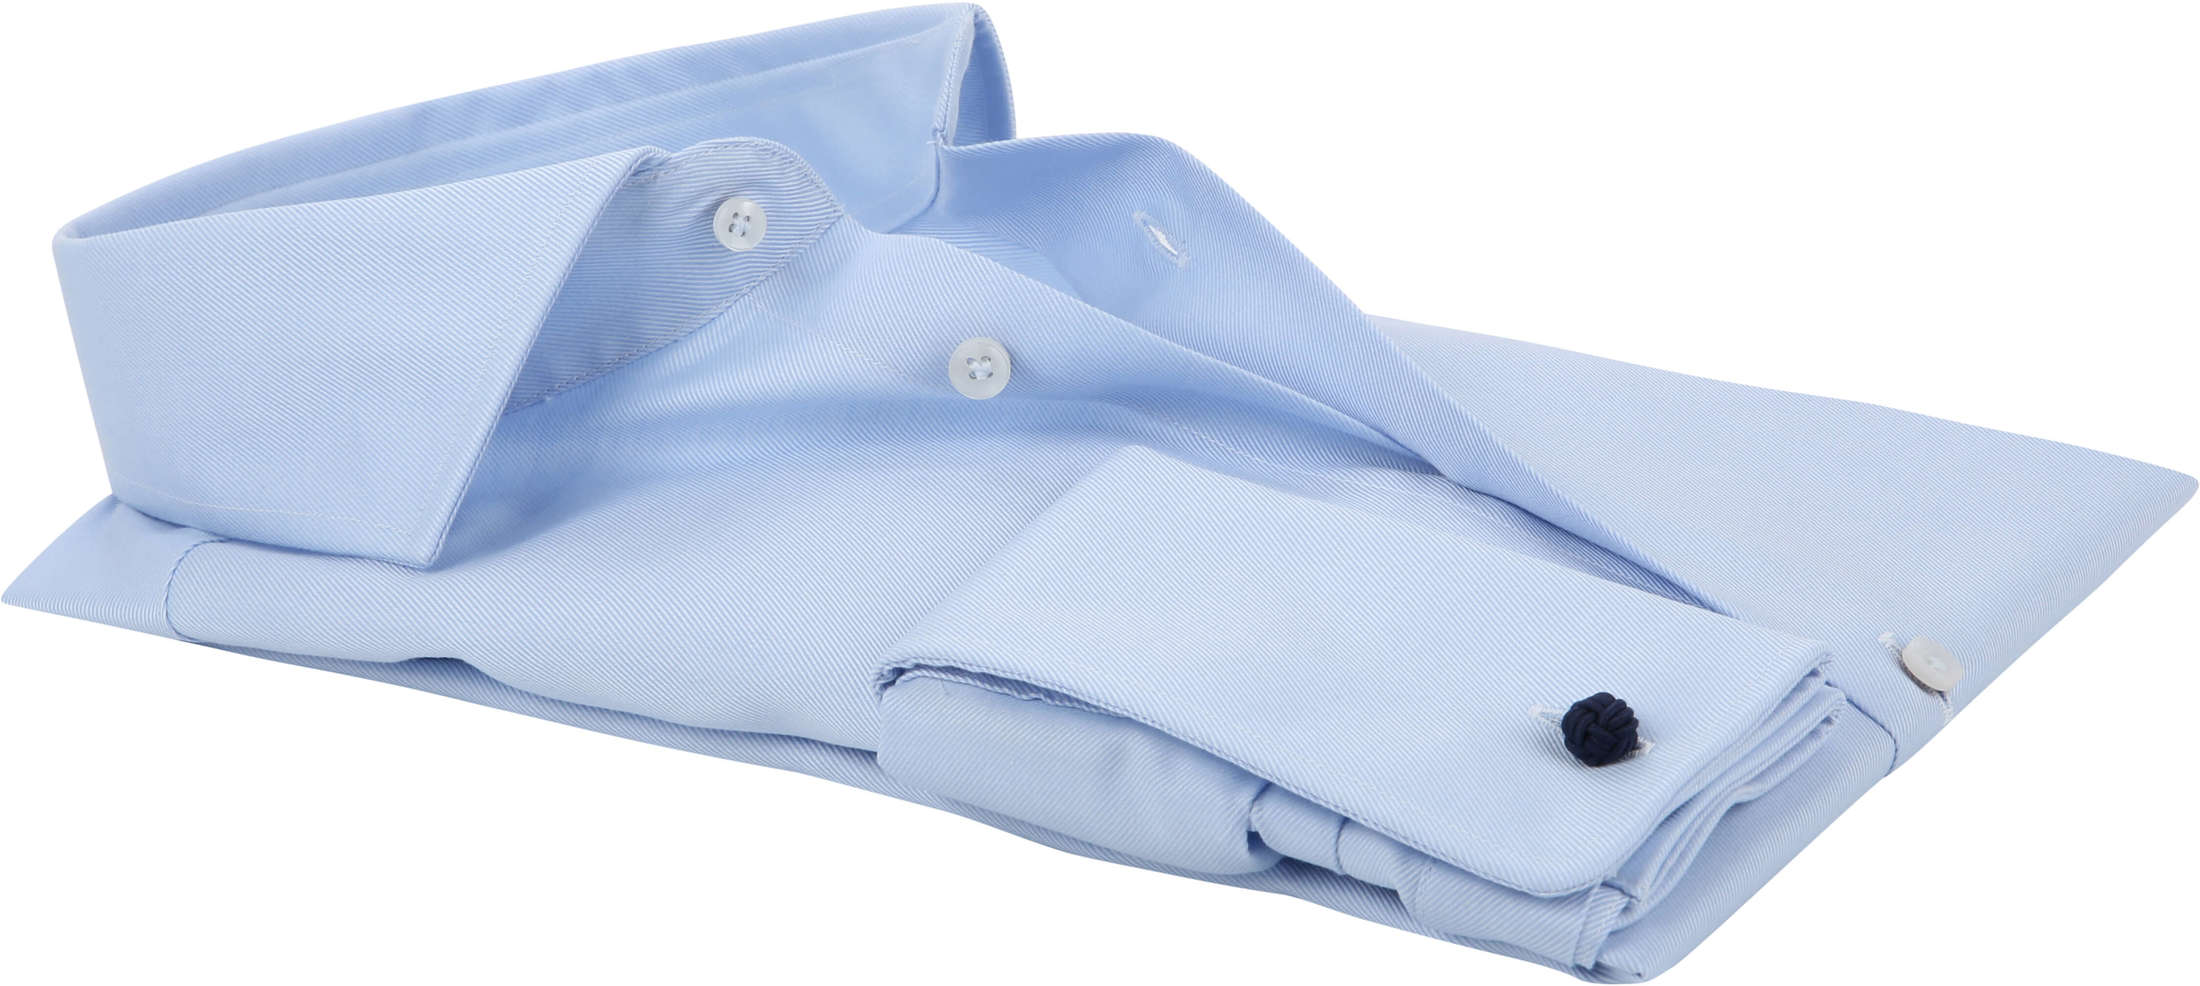 Profuomo Shirt Cutaway Double Cuff Blue foto 3